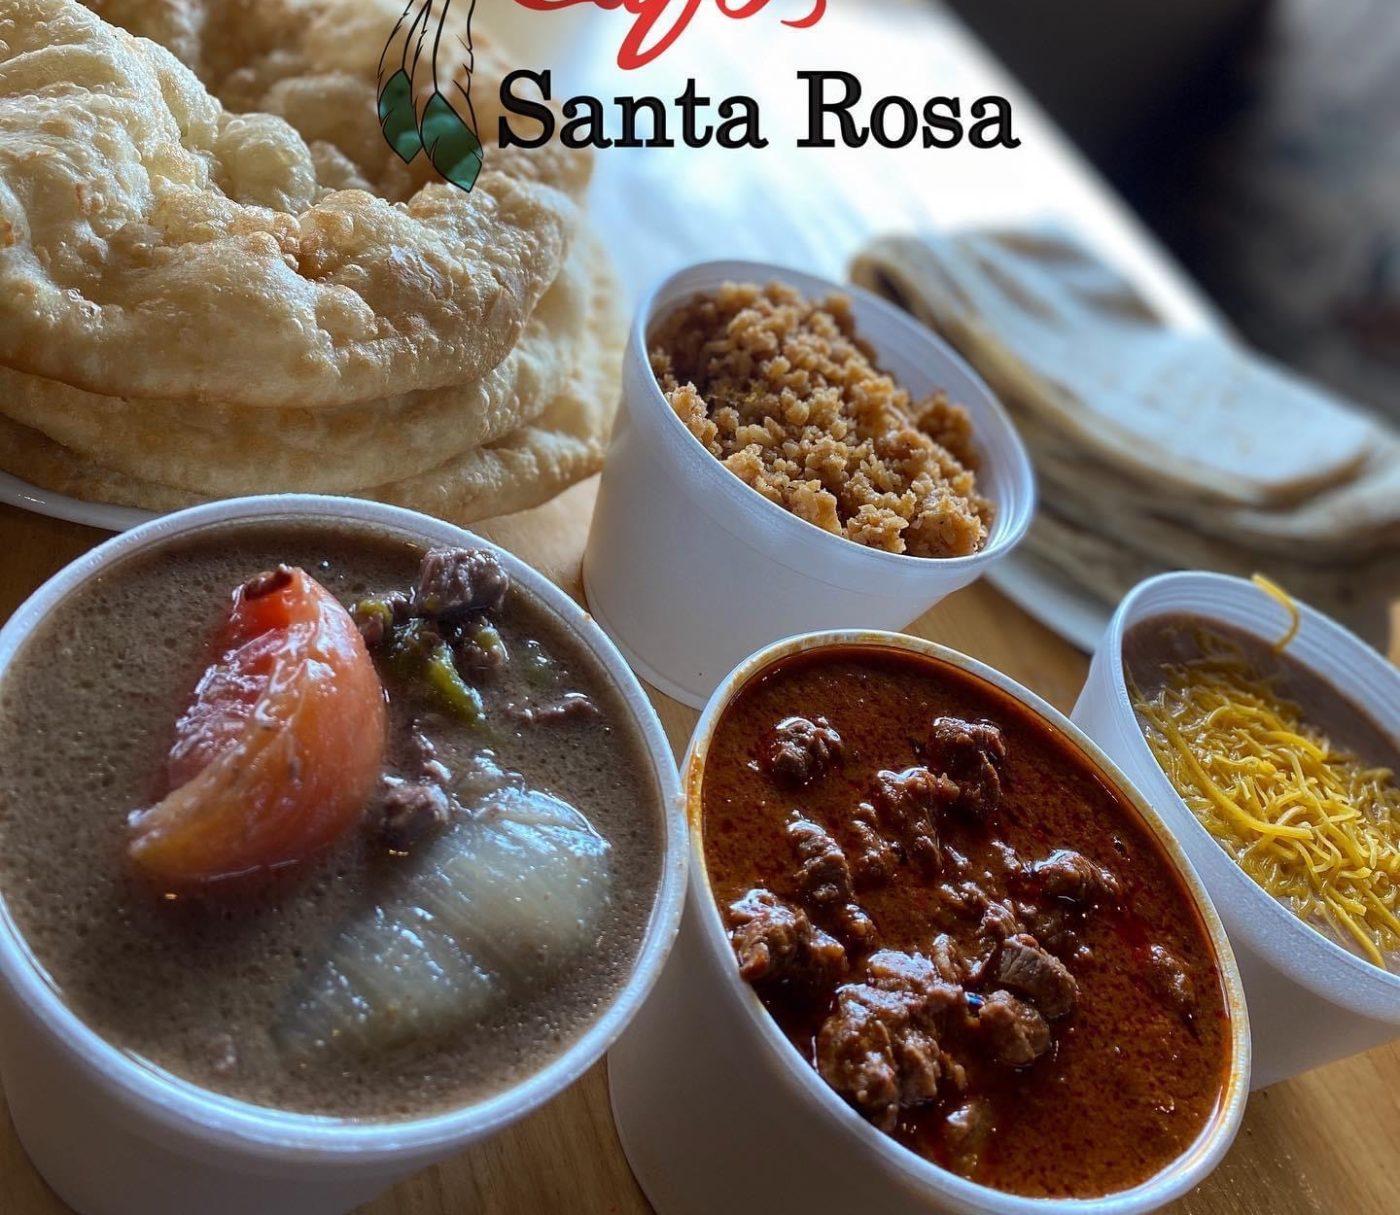 Café Santa Rosa Bar & Banquet